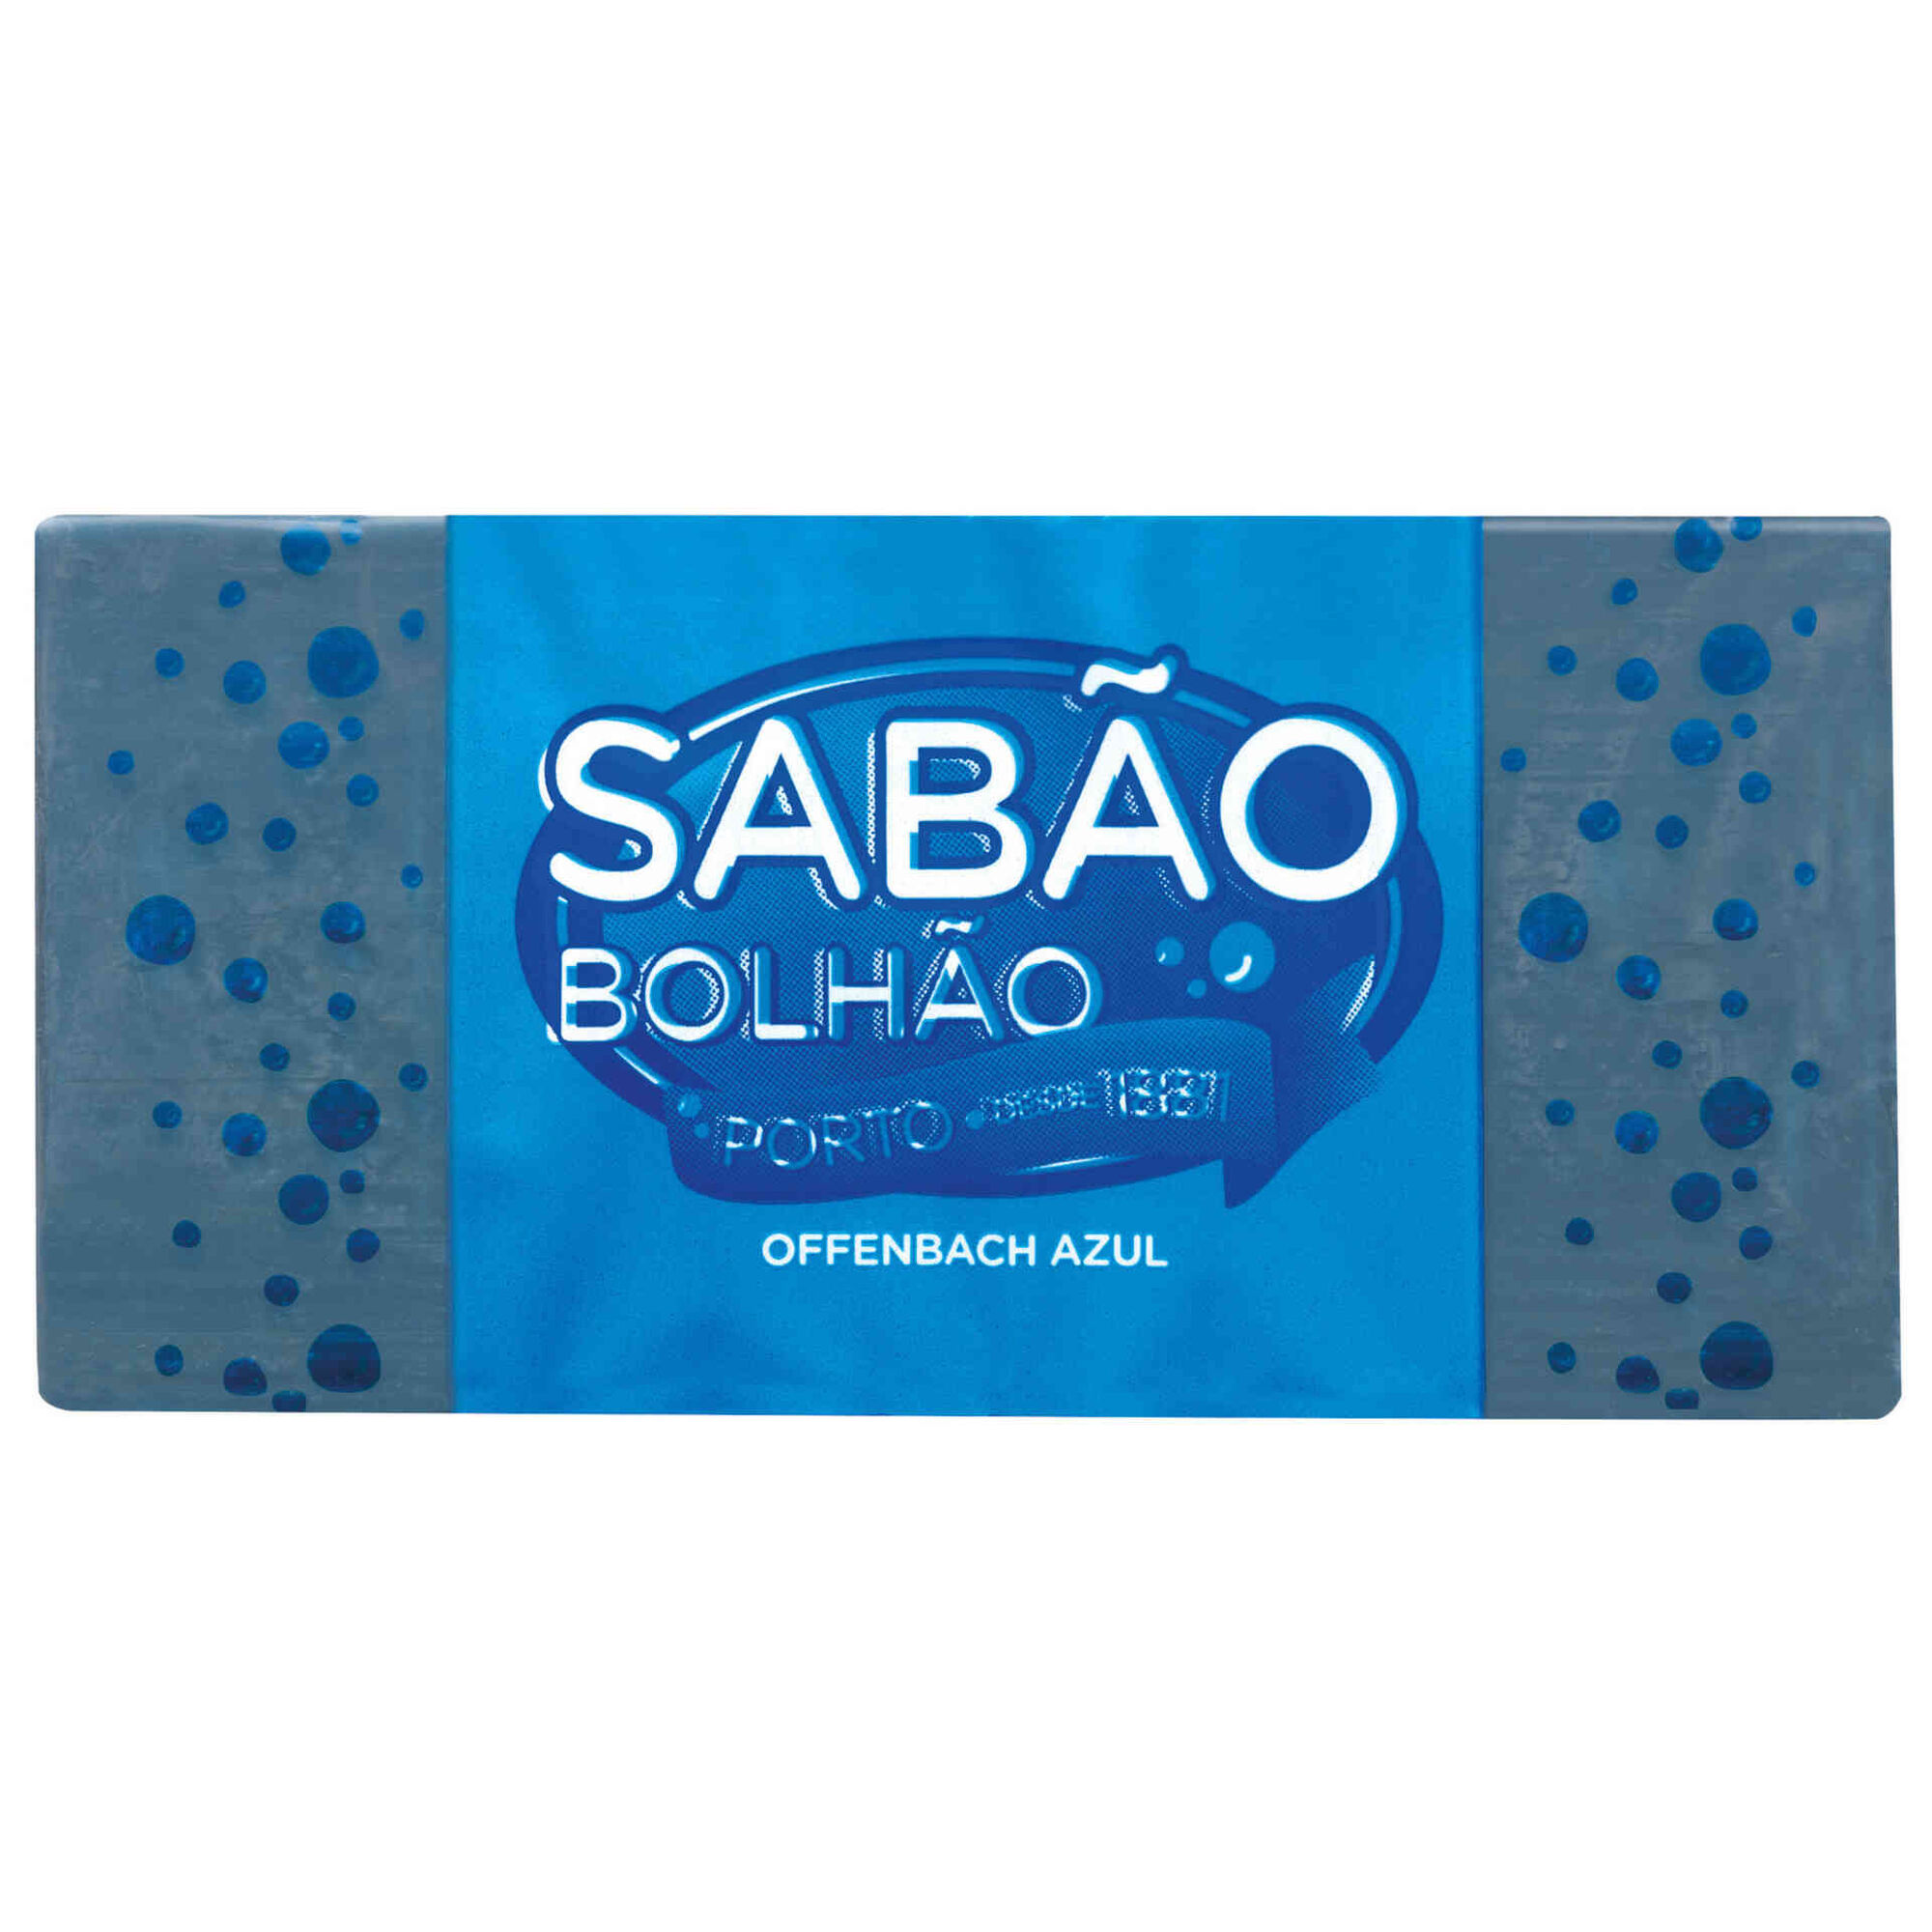 Sabão Barra Offenbach Azul